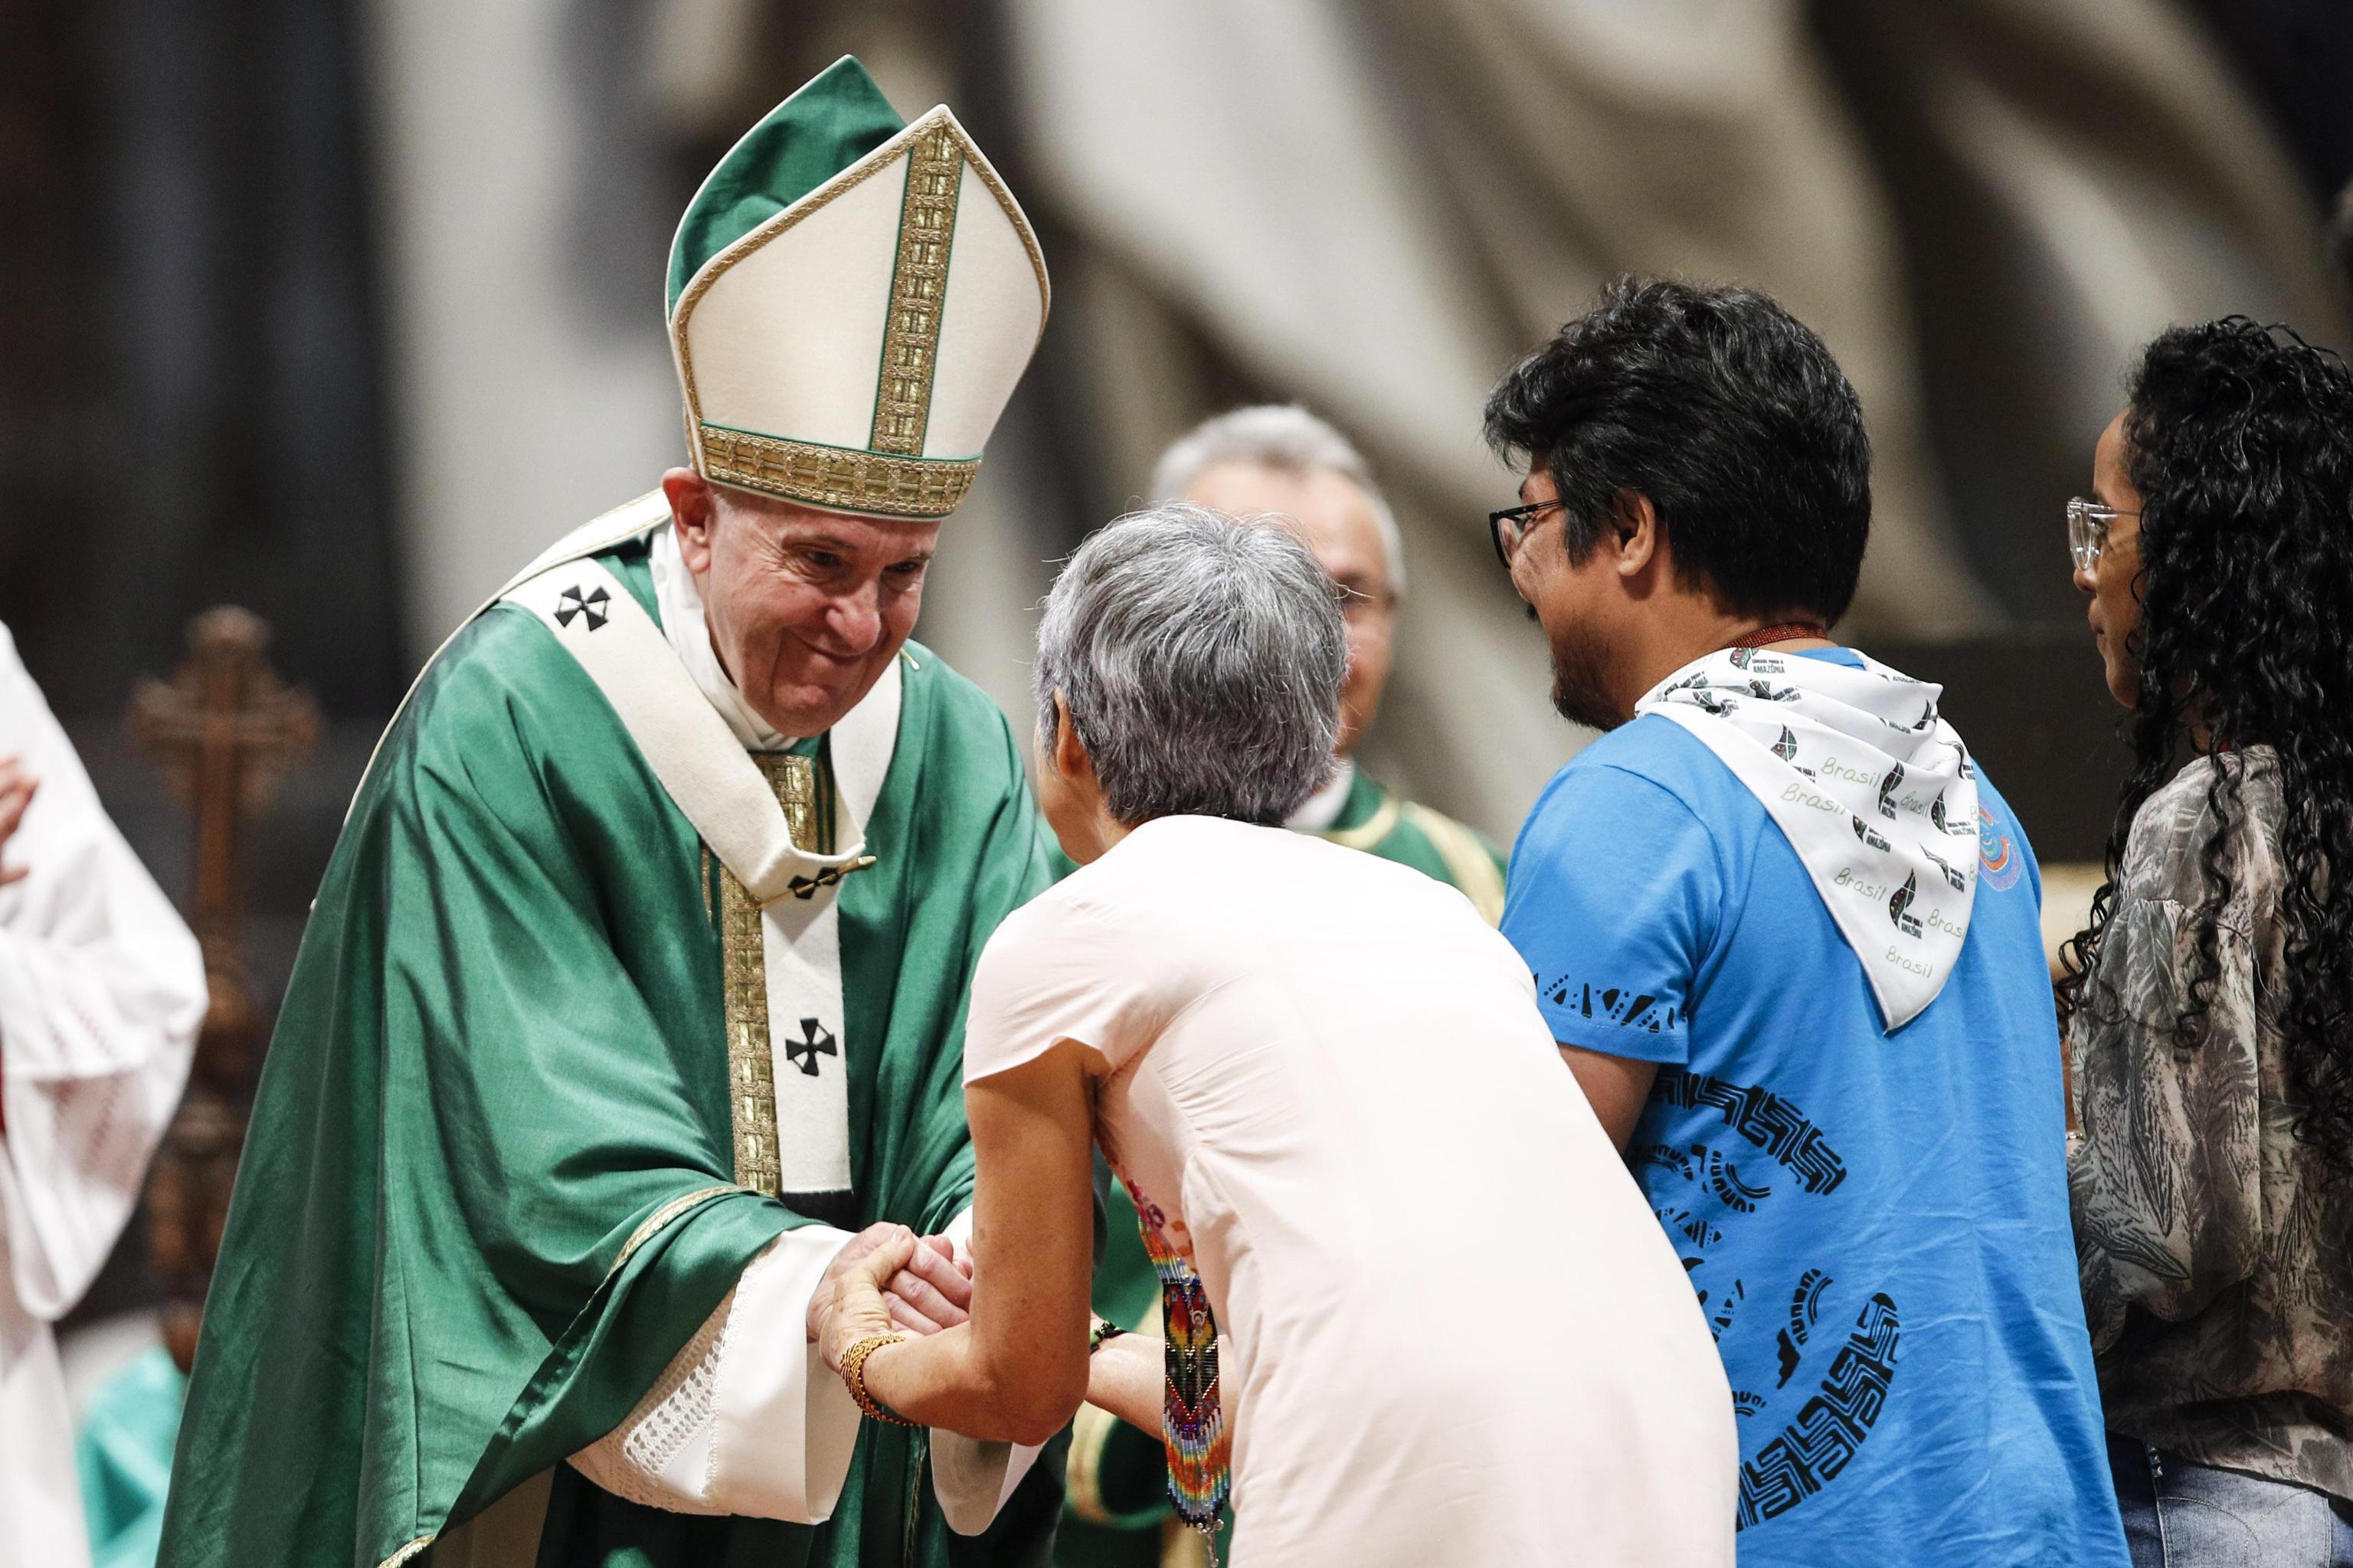 Papa Francisco preside à Missa do encerramento do Sínodo dos Bispos para a Pan-Amazónia